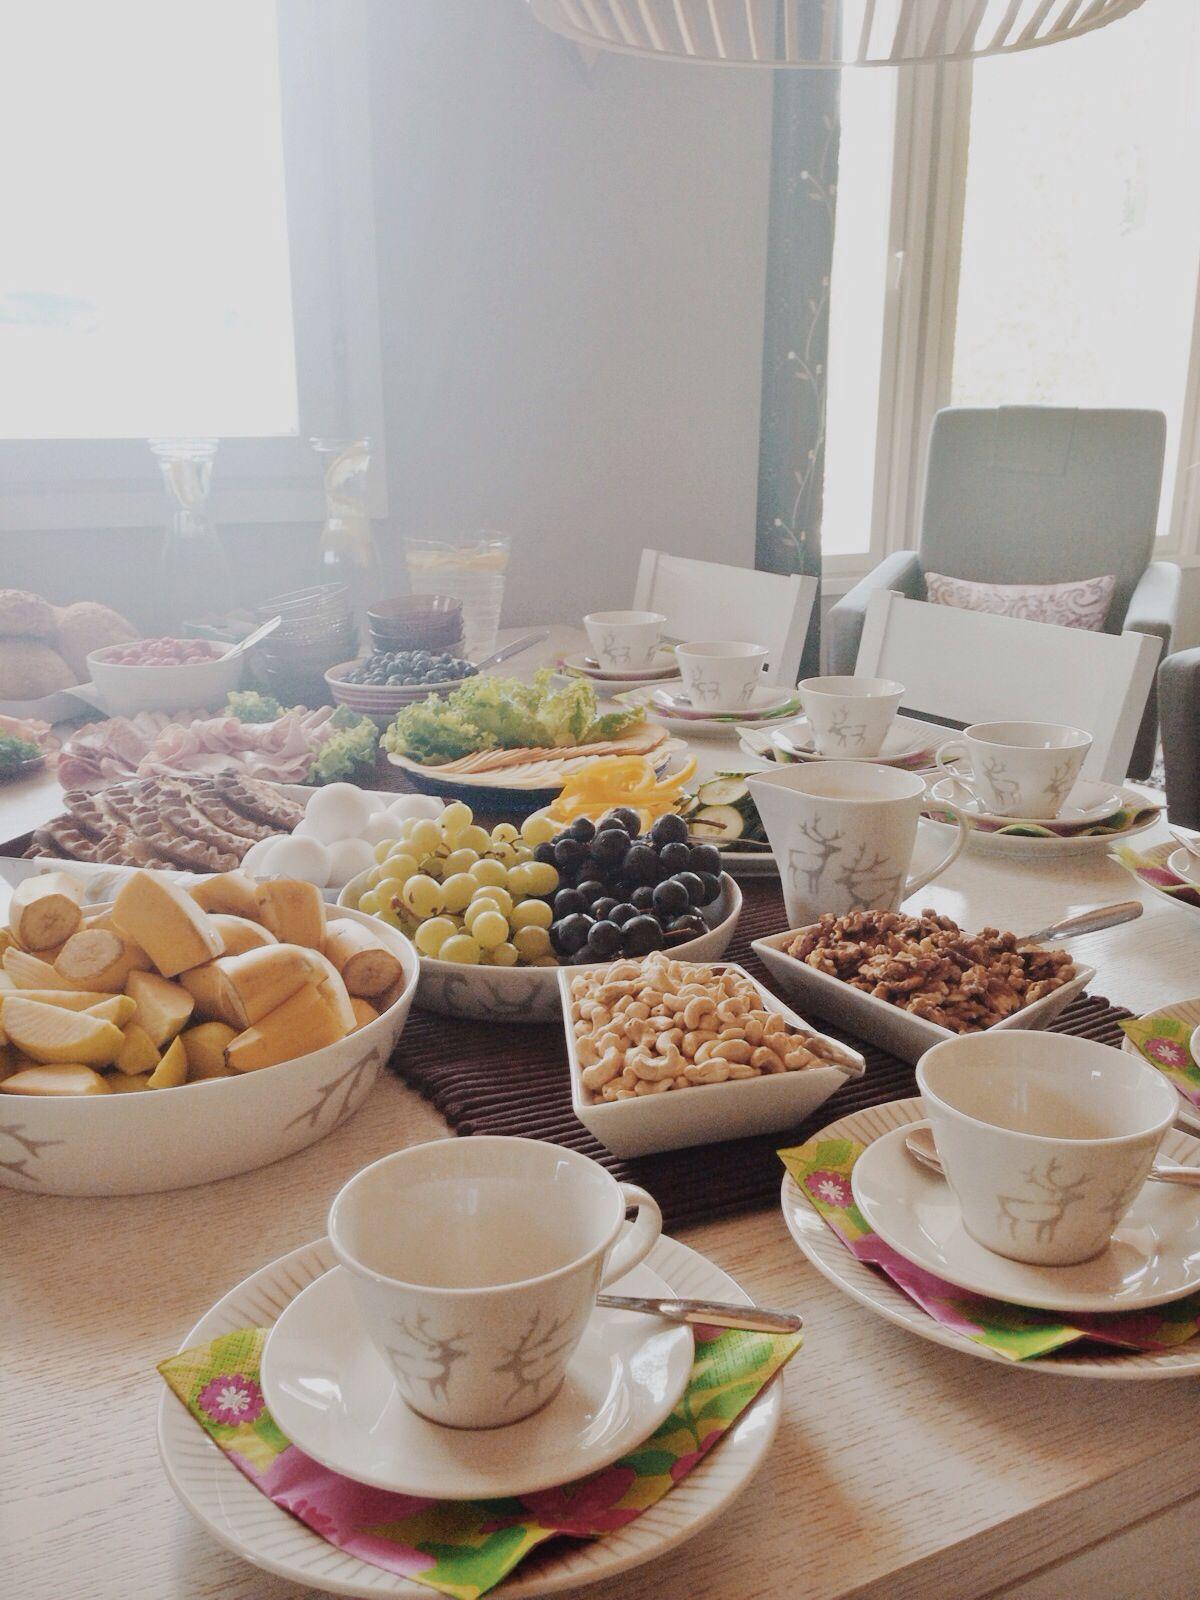 Yhteistyöskentely Tammelan järvimaisemissa aloitetaan kunnon aamiaisella. Elokuu 2014.